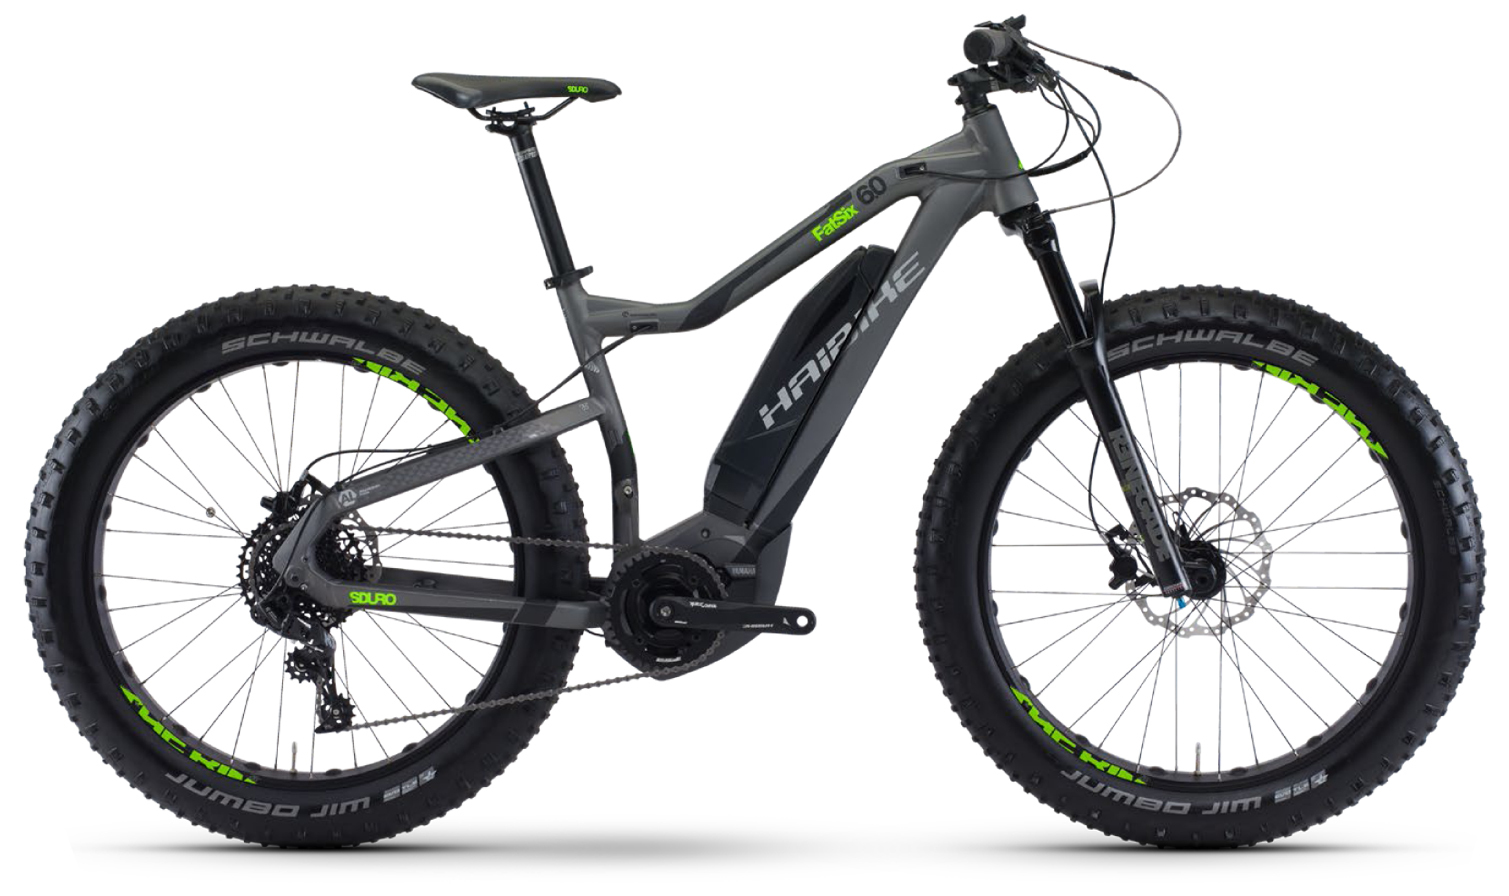 Haibike Sduro FatSix 6.0 (2017)Фэтбайки<br>Электровелосипед Haibike Sduro FatSix 6.0 – это надежный байк с запасом хода более 50 км. Он прекрасно подходит для бездорожья, песка и снега, поскольку его конструкция специально разработана для всесезонных условий катания. Велосипед обладает максимальной проходимостью за счет широких покрышек Schwalbe Jumbo Jim Evo на 26-дюймовых колесах. Также на нем установлена профессиональная трансмиссия Sram NX и дисковые гидравлические тормоза.<br>